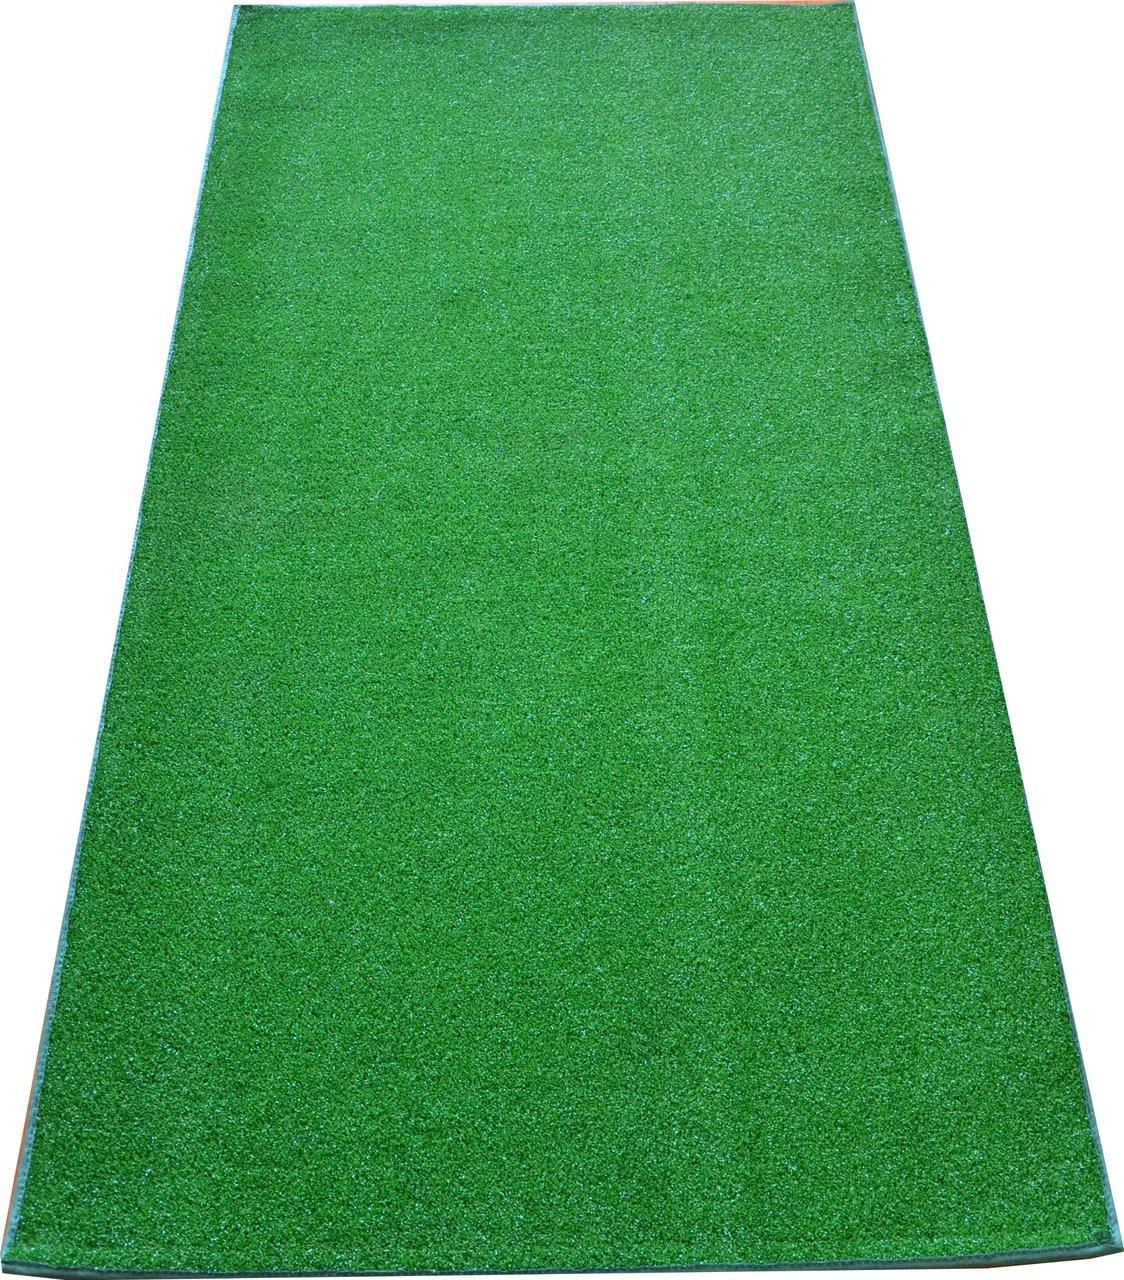 Dean Premium Heavy Duty Indoor/Outdoor Green Artificial